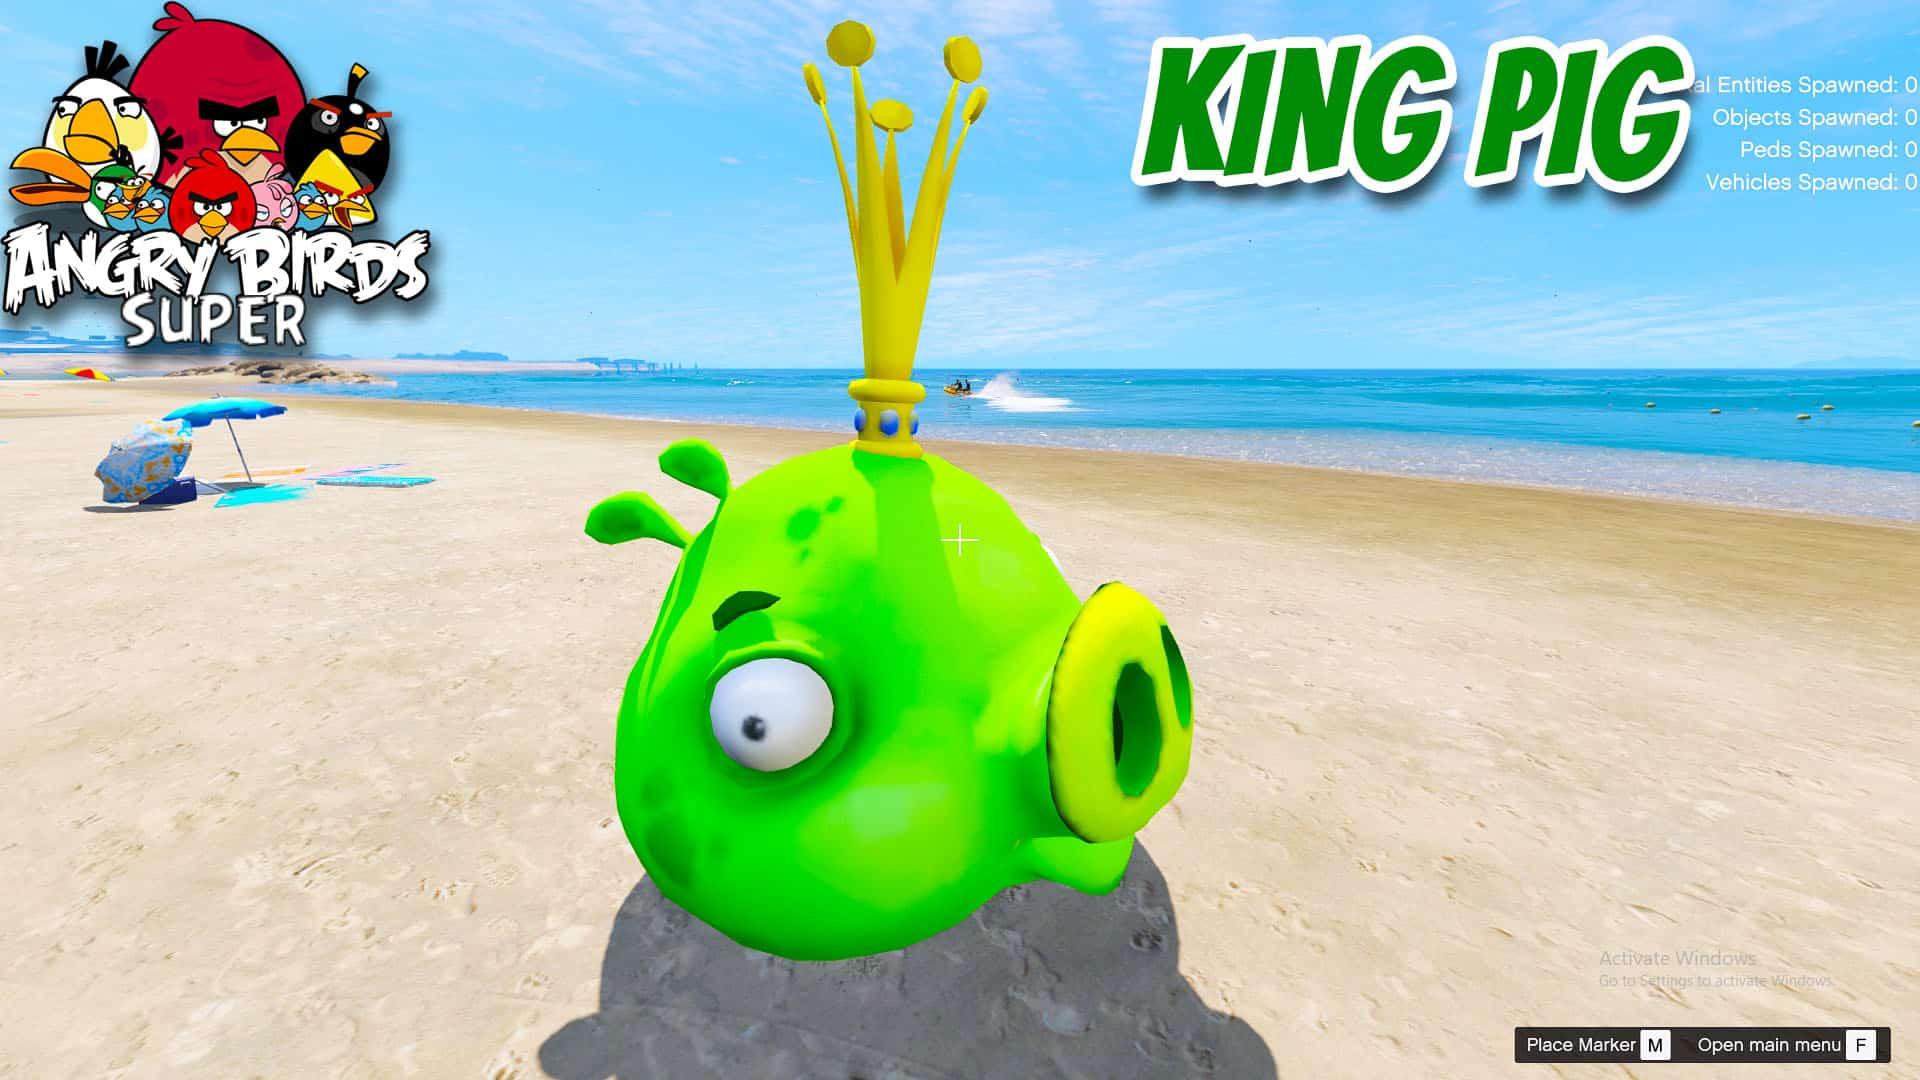 GTA 5 Mod Angry Bird King Pig